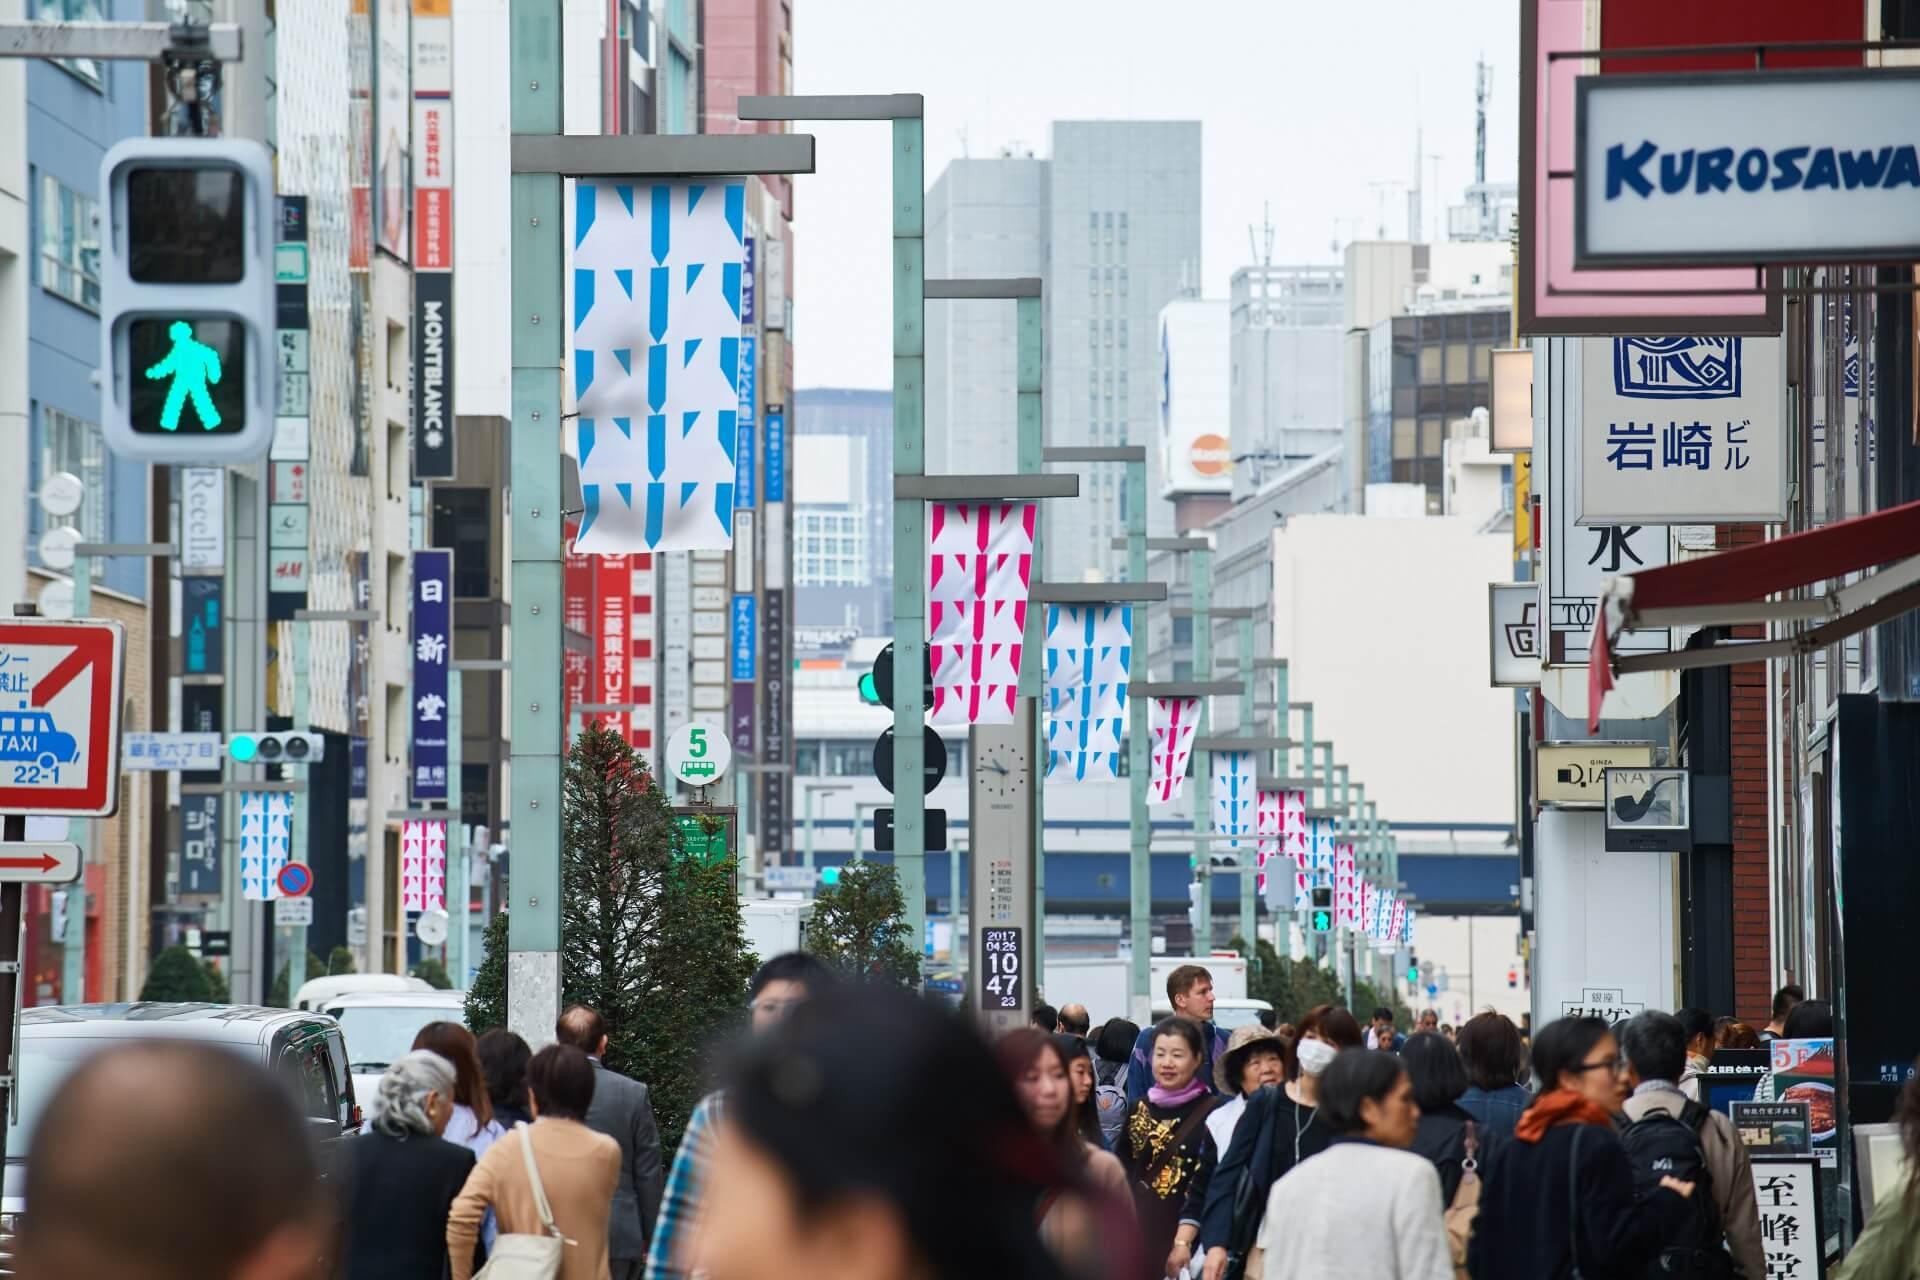 【中央通りフラッグアート】クレジットが必要→※イメージ- ADAGP, Paris & JASPAR, Tokyo, 2018 G1226